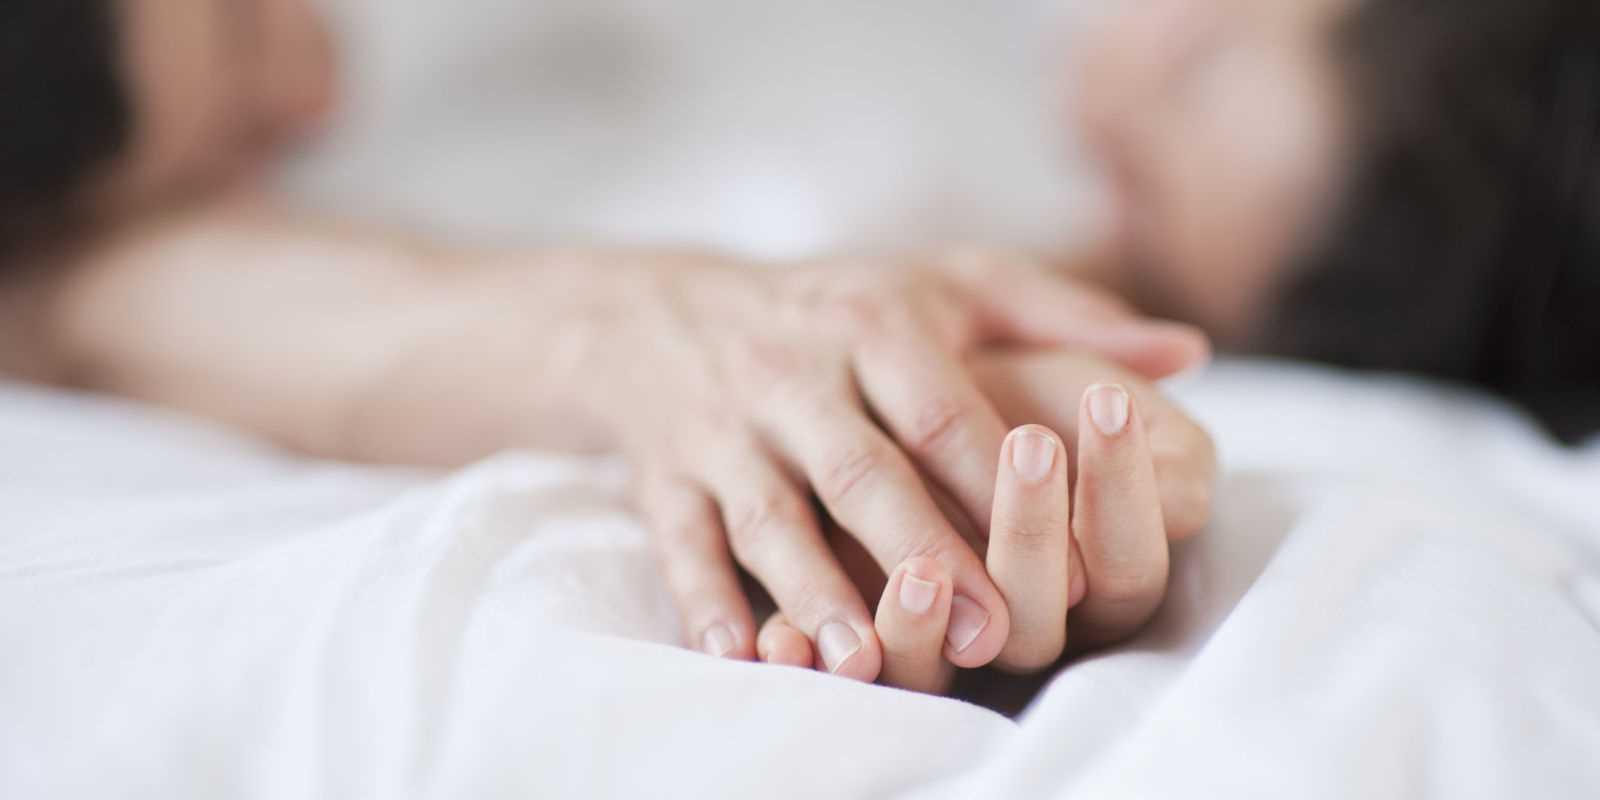 اولین رابطه زناشویی شما چطور باید باشد؟